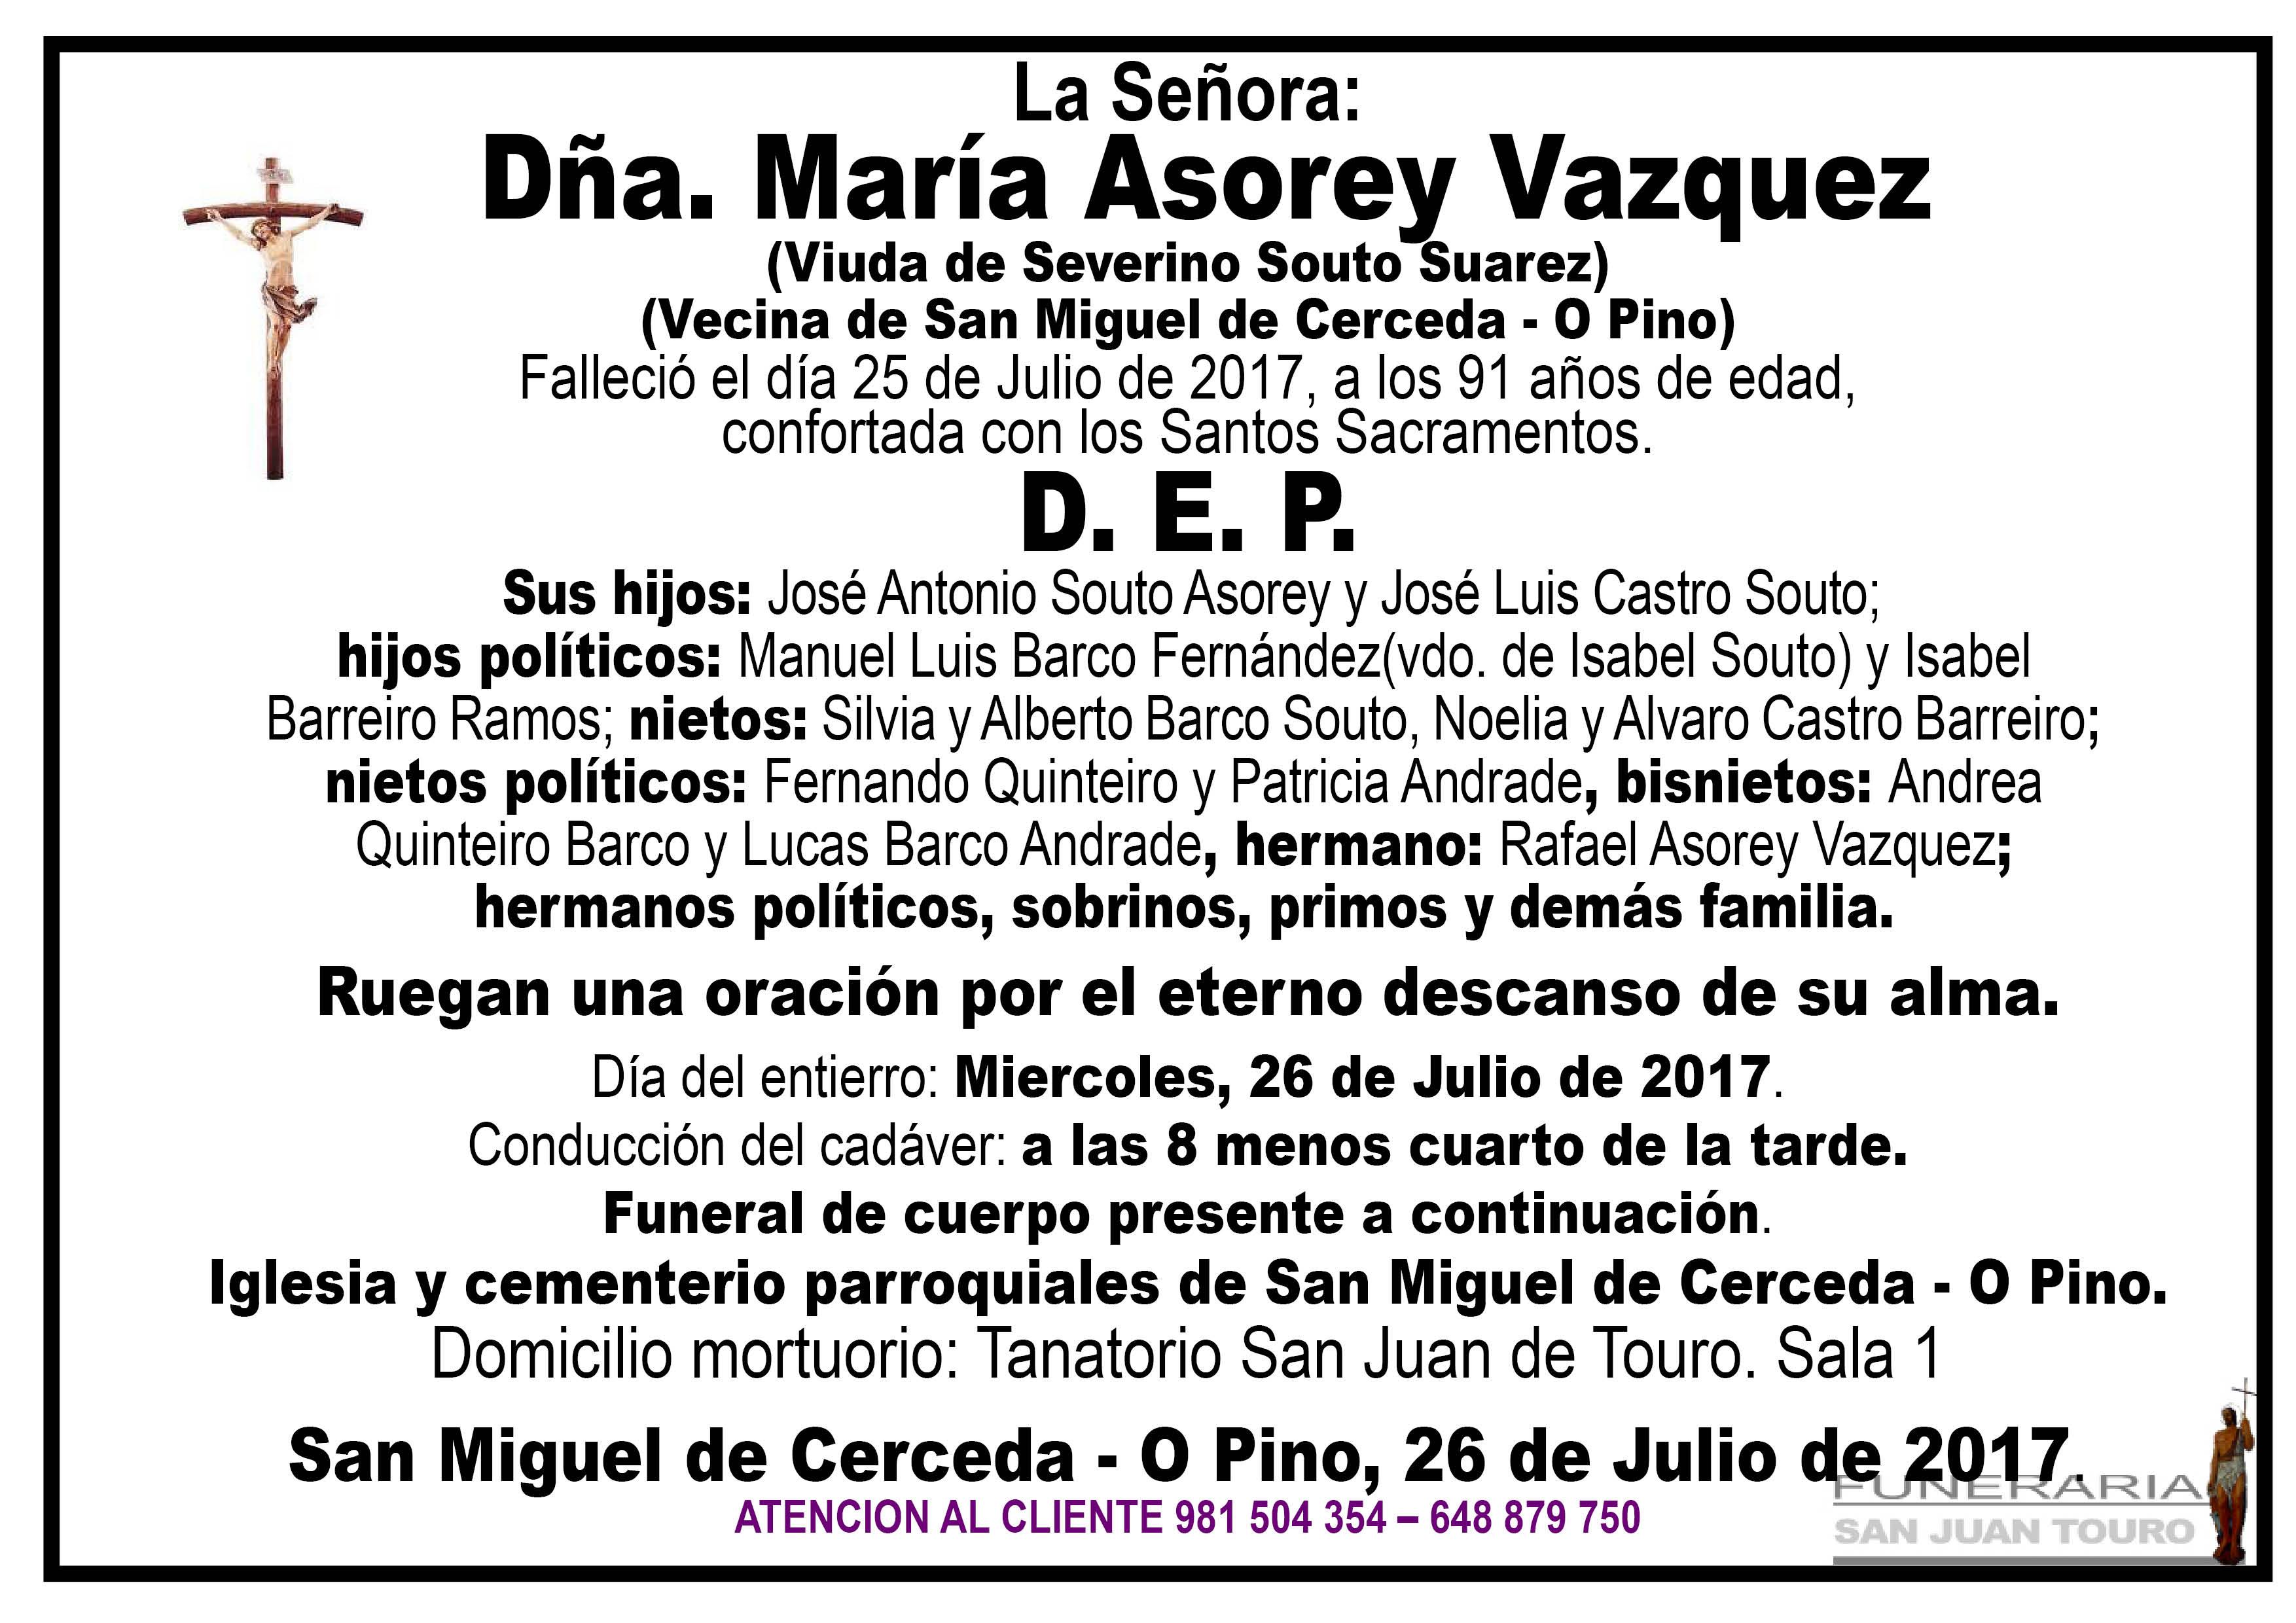 Esquela de SEPELIO DE DÑA. MARIA ASOREY VAZQUEZ